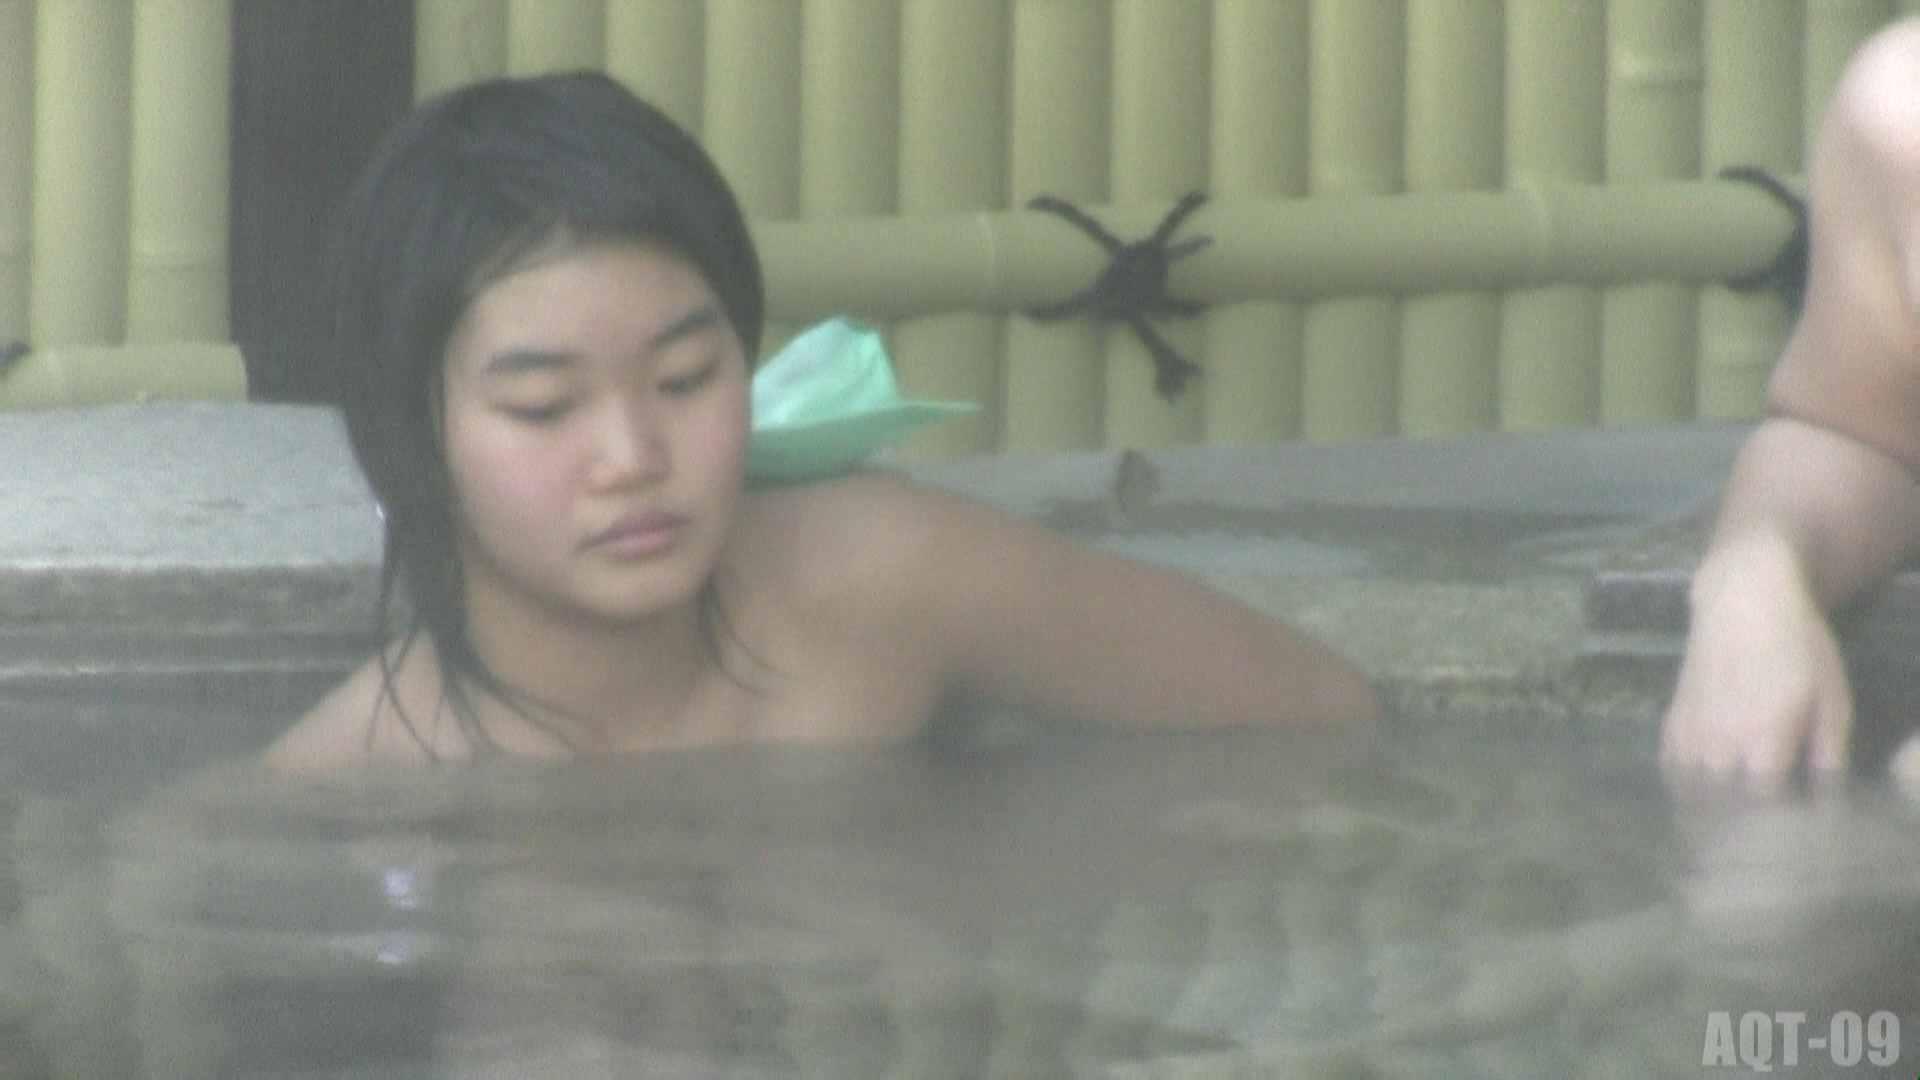 女露天風呂劇場 Vol.08 露天   OLのボディ  81PIX 37